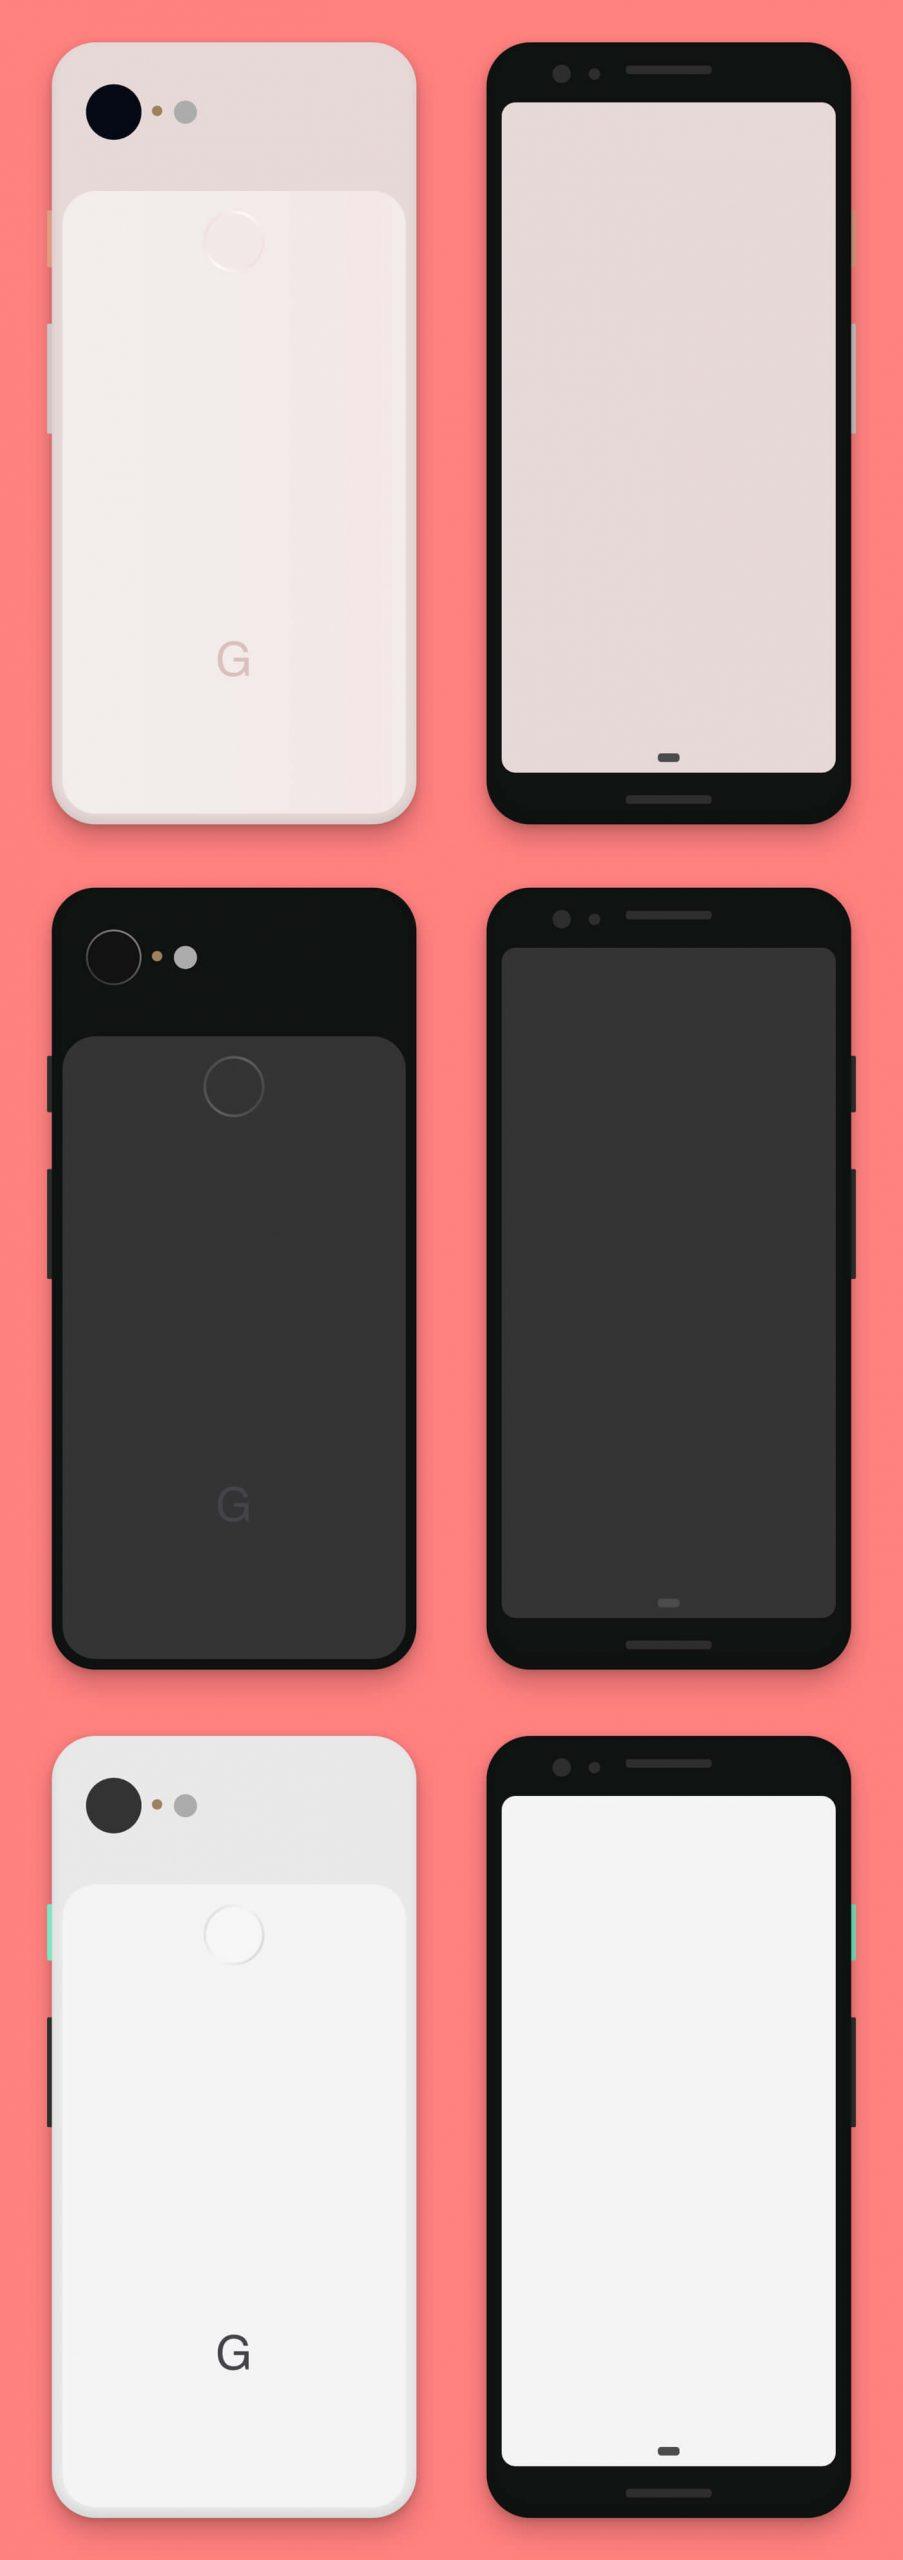 Google Pixel 3 Mockup Sketch Free - UI Freebies